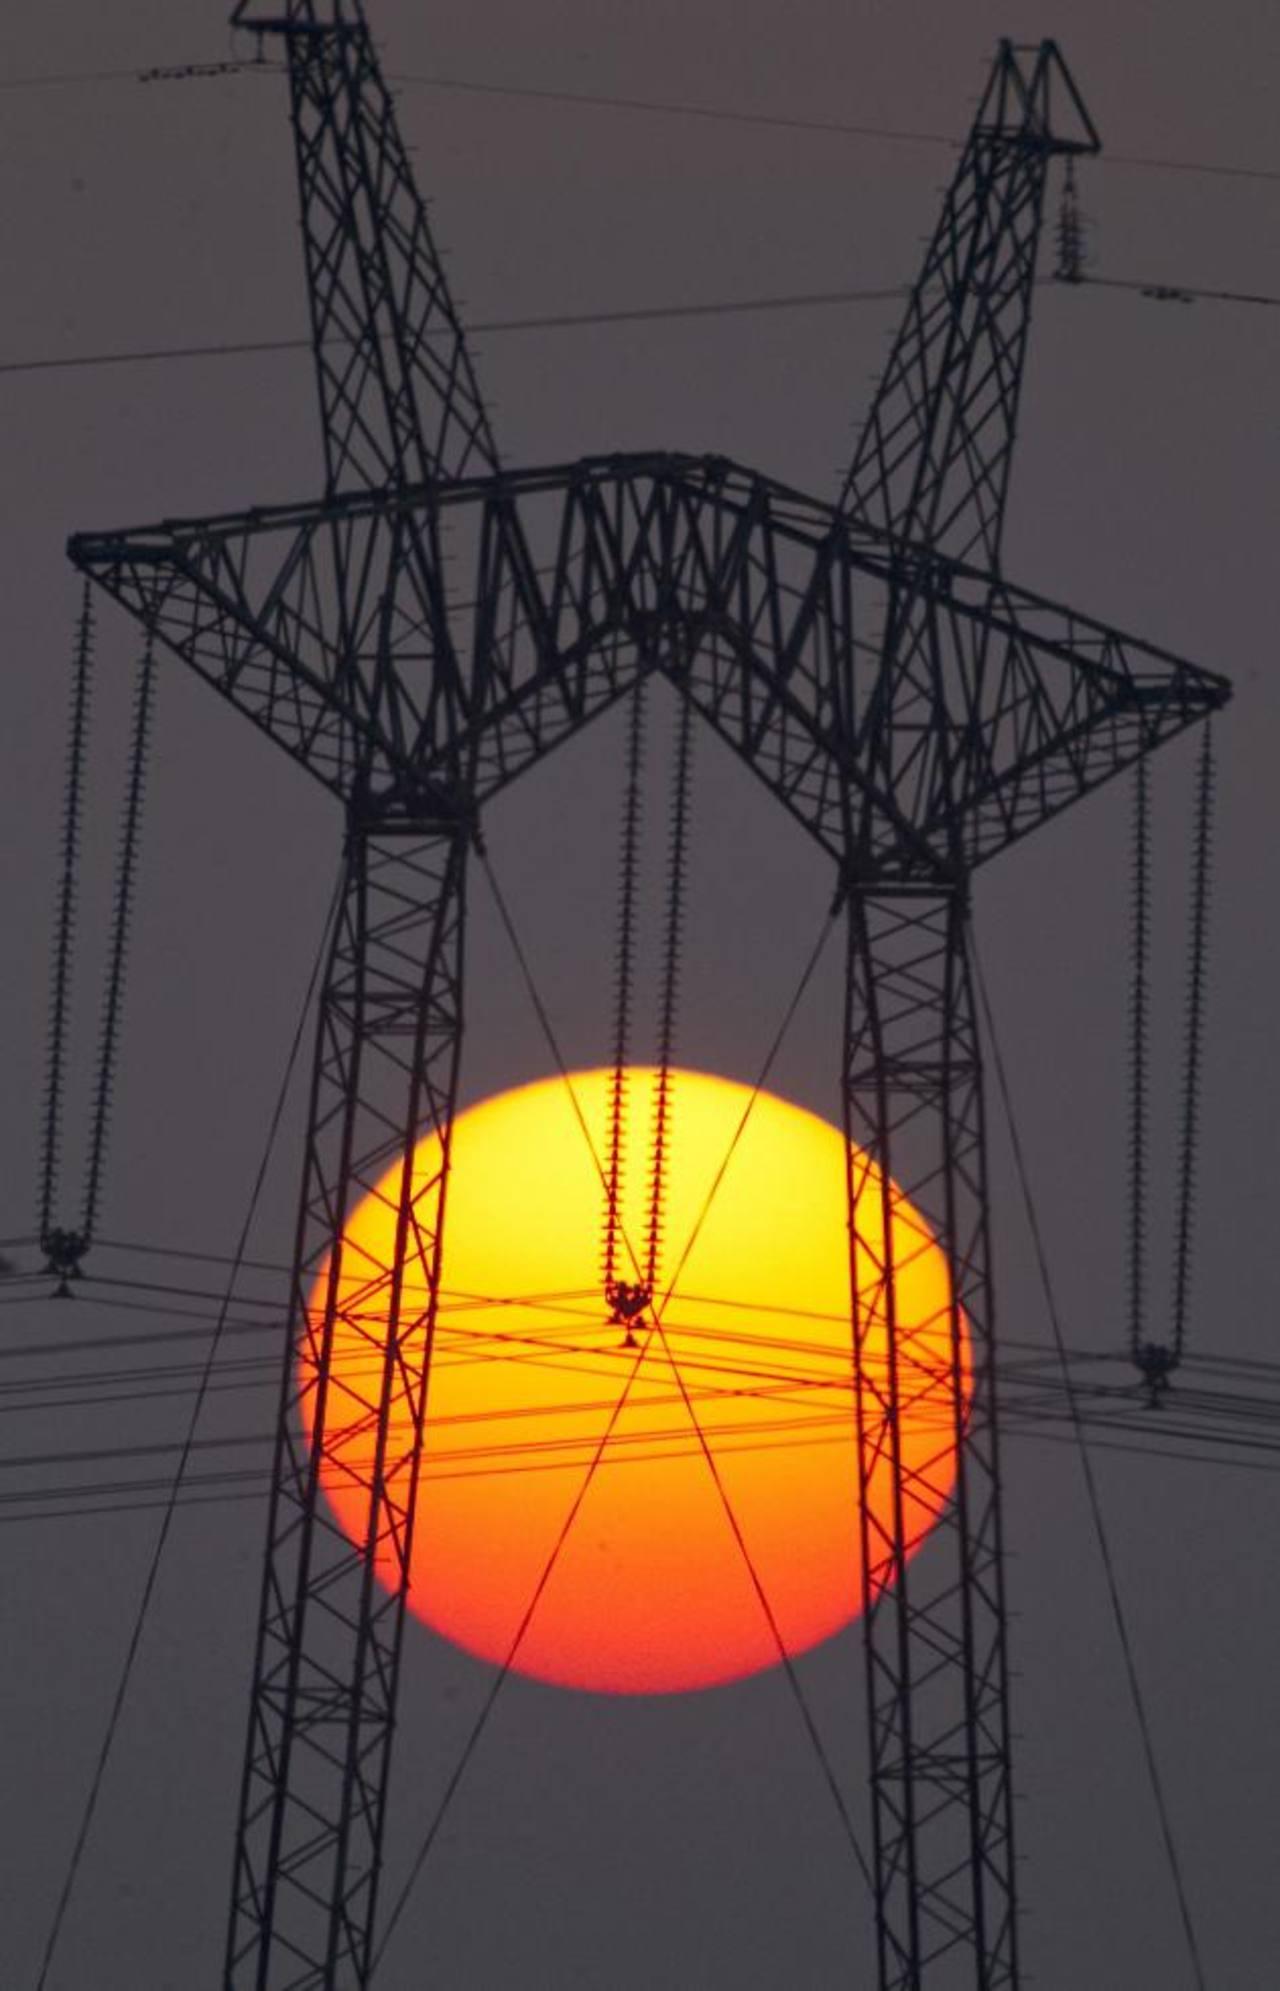 Durante el año pasado, la inversión anual para abastecer de energía al mundo fue de $1.6 billones. foto edh / archivo